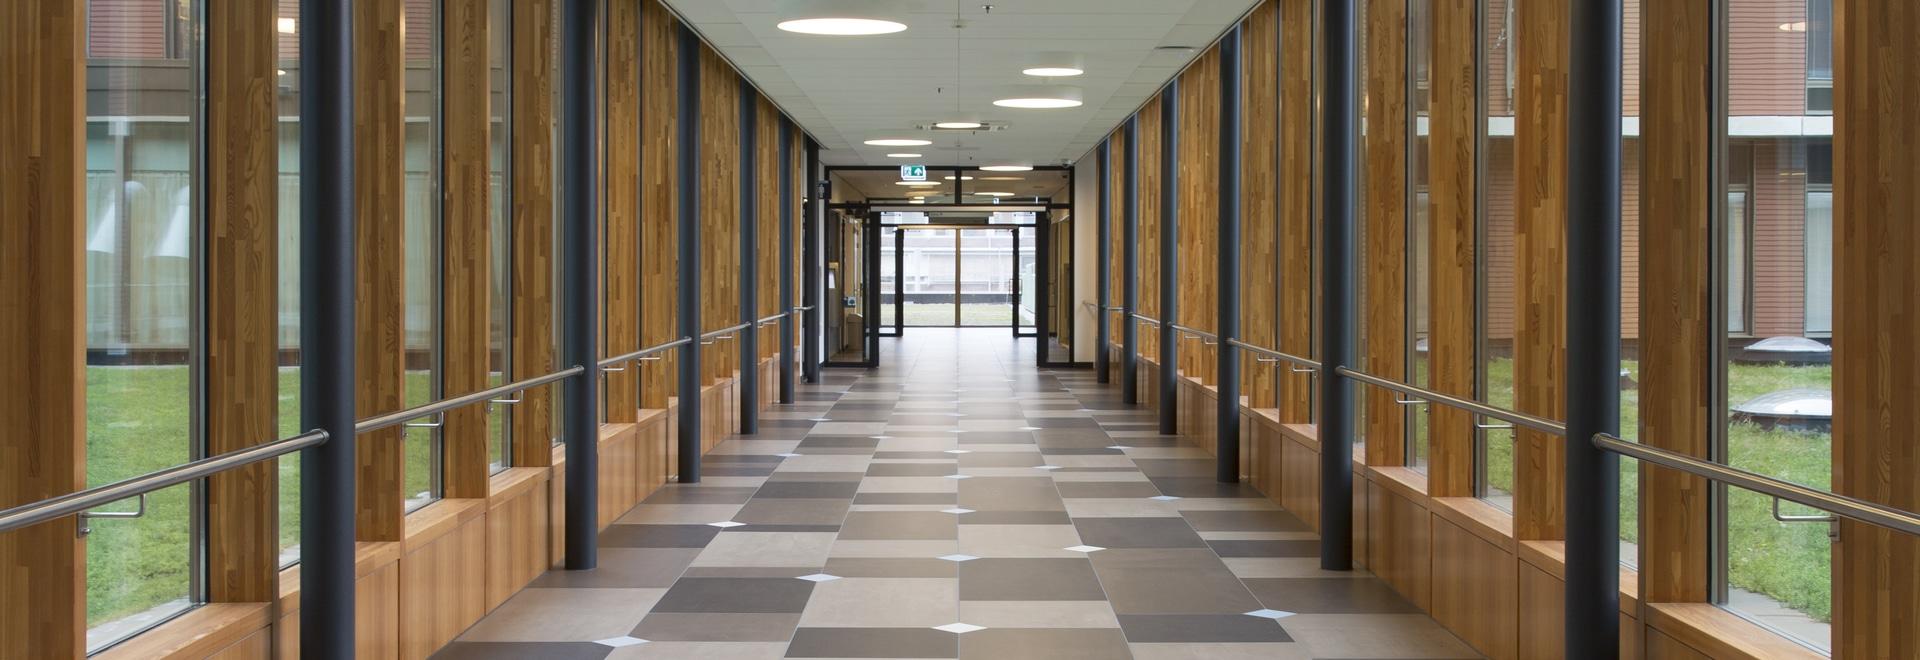 Delft-Fliesenboden - Holländer fertigen durch Mosa-Fliesen kundenspezifisch an